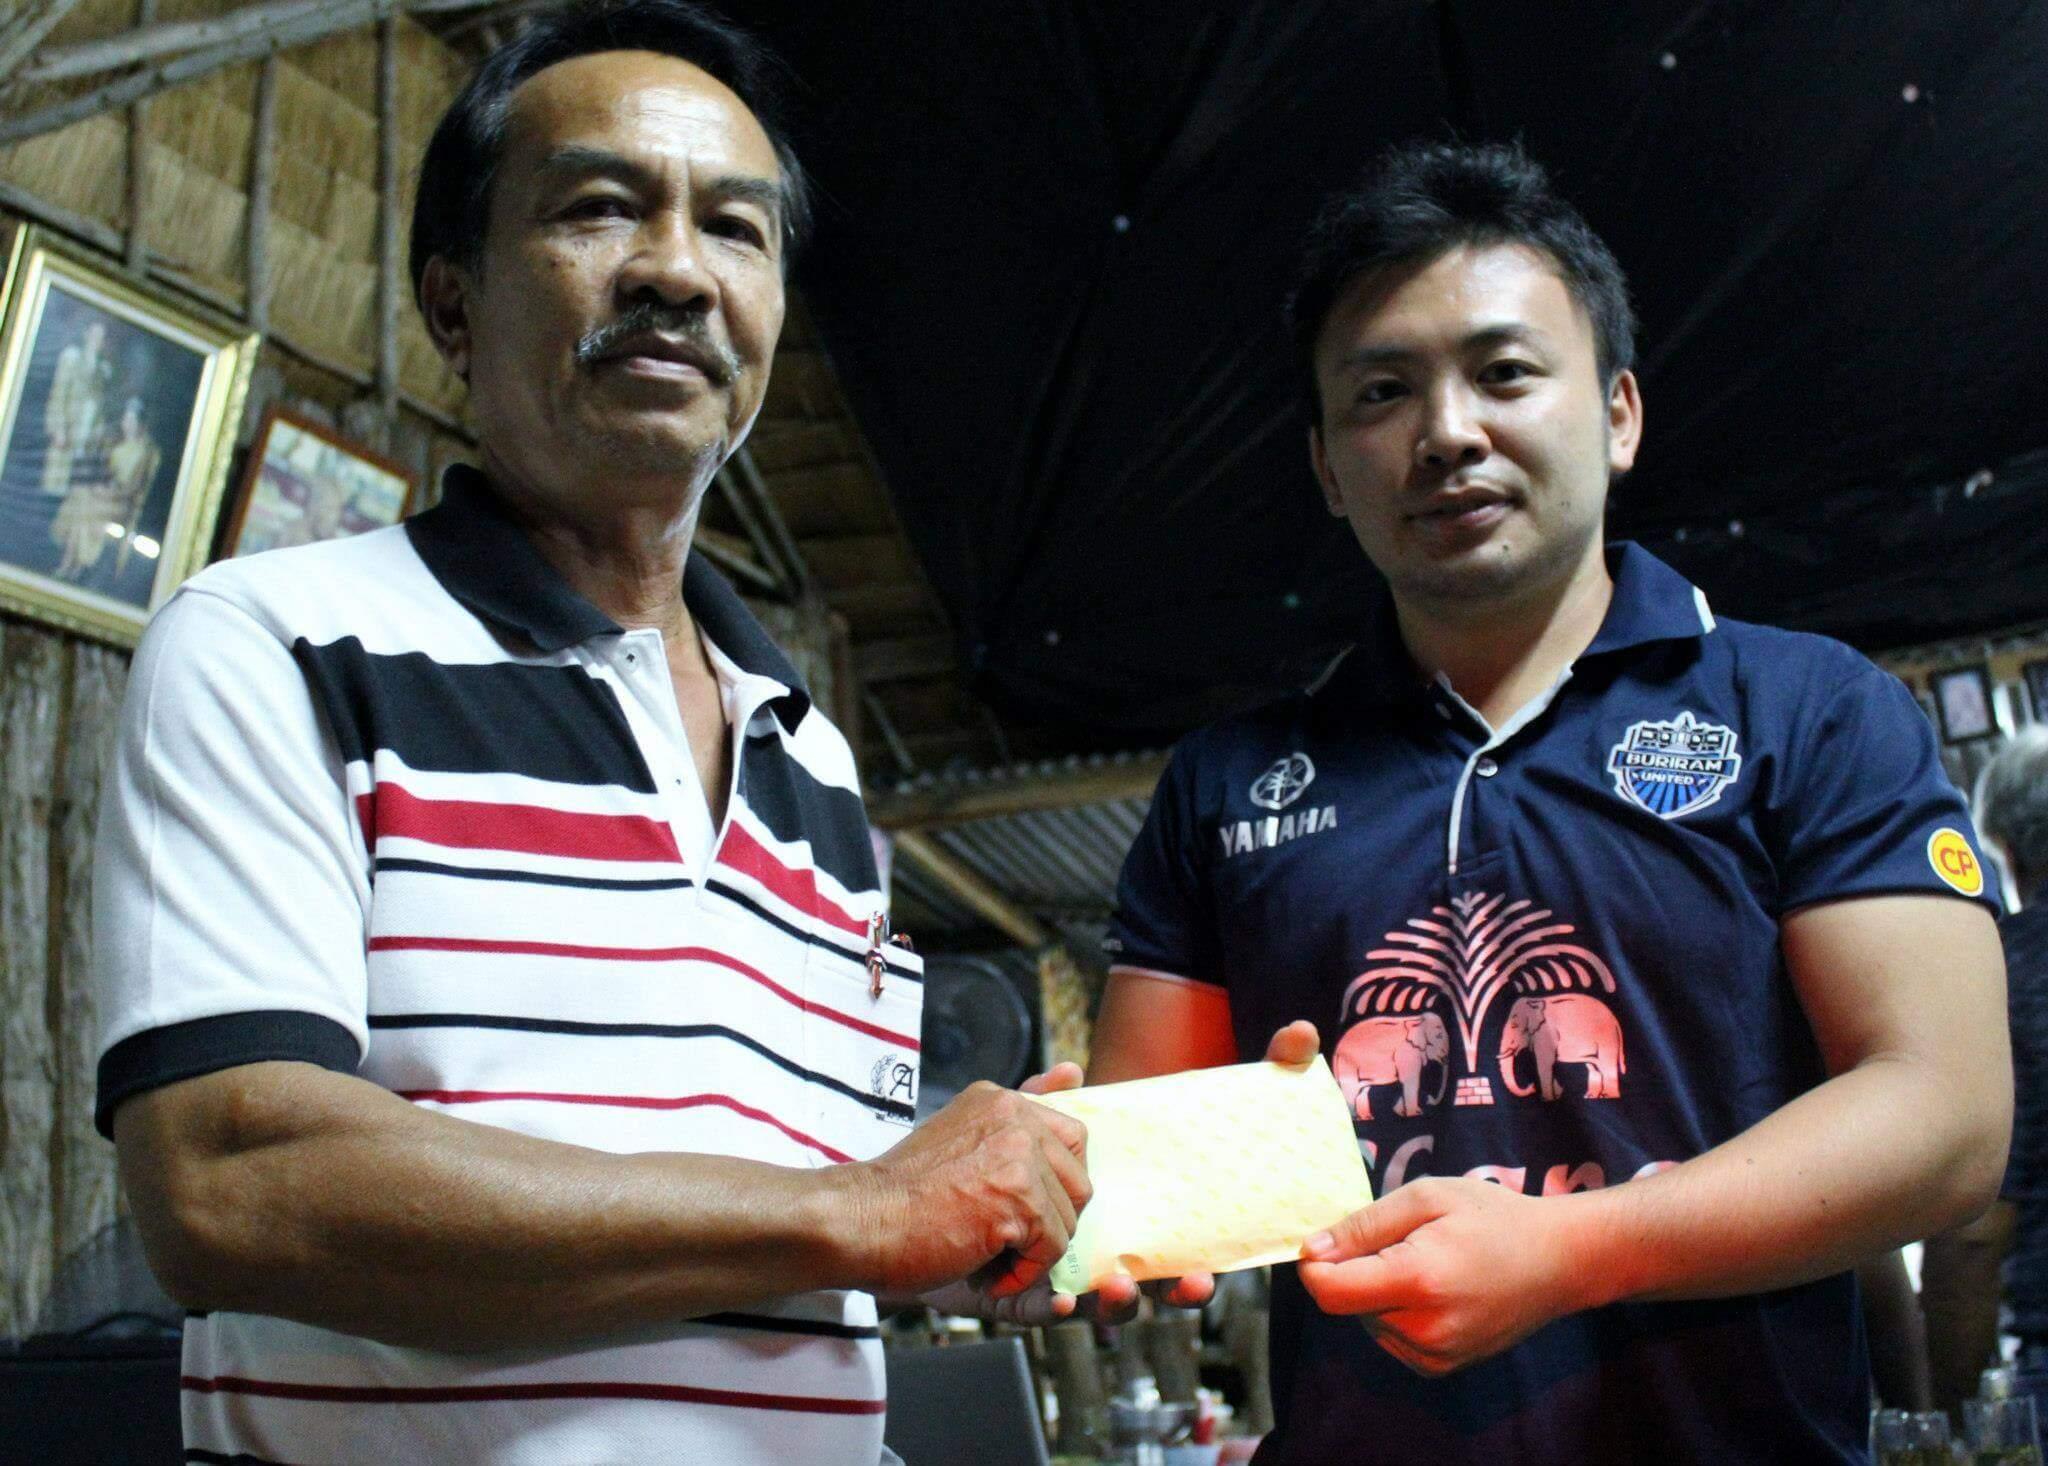 タイカンボジア地雷原へ視察、大会収益を現地NGO「PRO」へ寄付